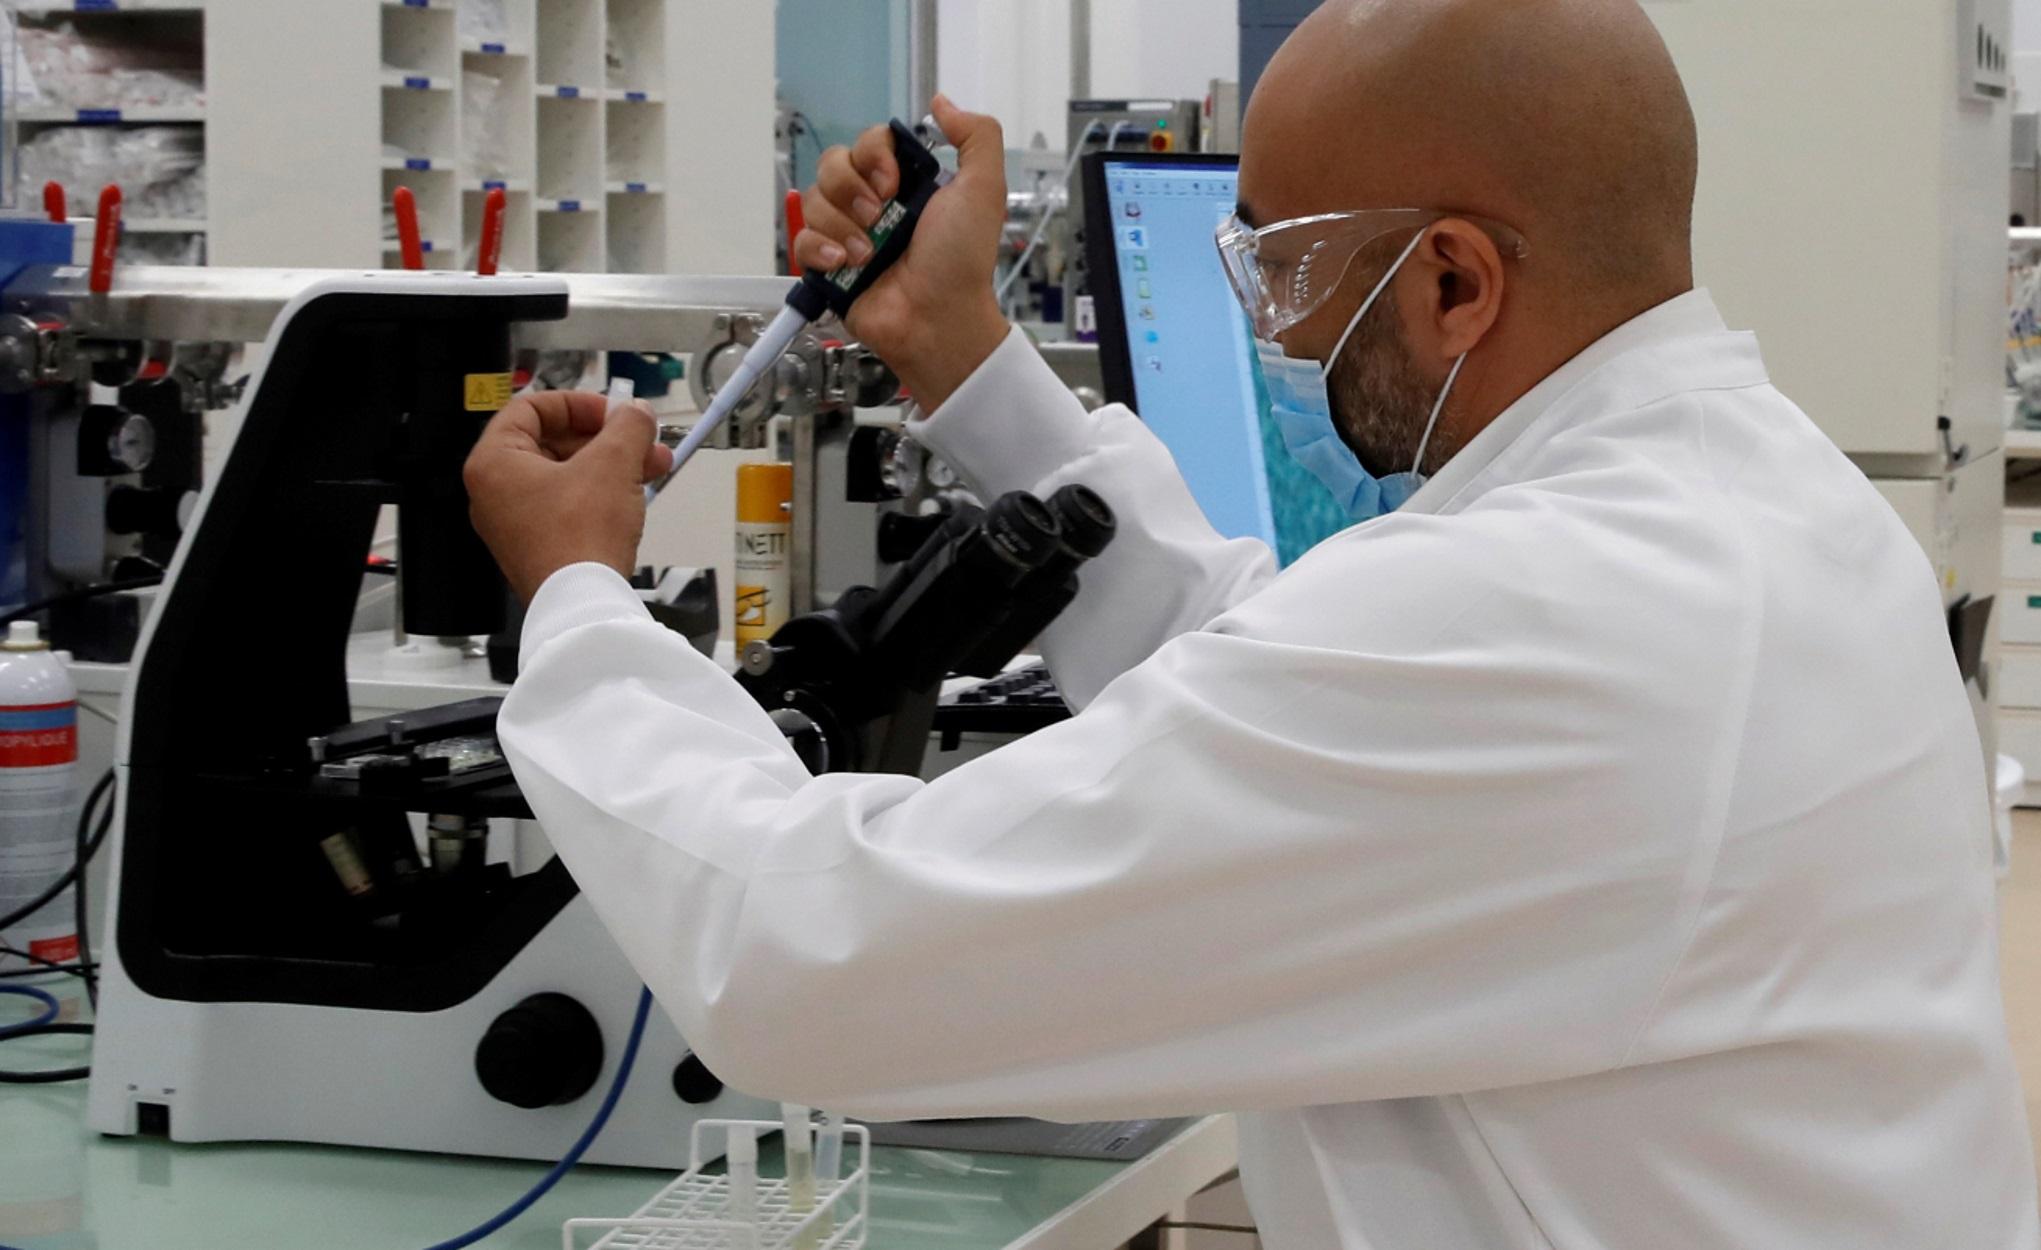 Εμβόλιο κορονοϊού: Οργή της Διεθνούς Ομοσπονδίας Φαρμακοβιομηχανιών κατά Μπάιντεν για την άρση των πατεντών